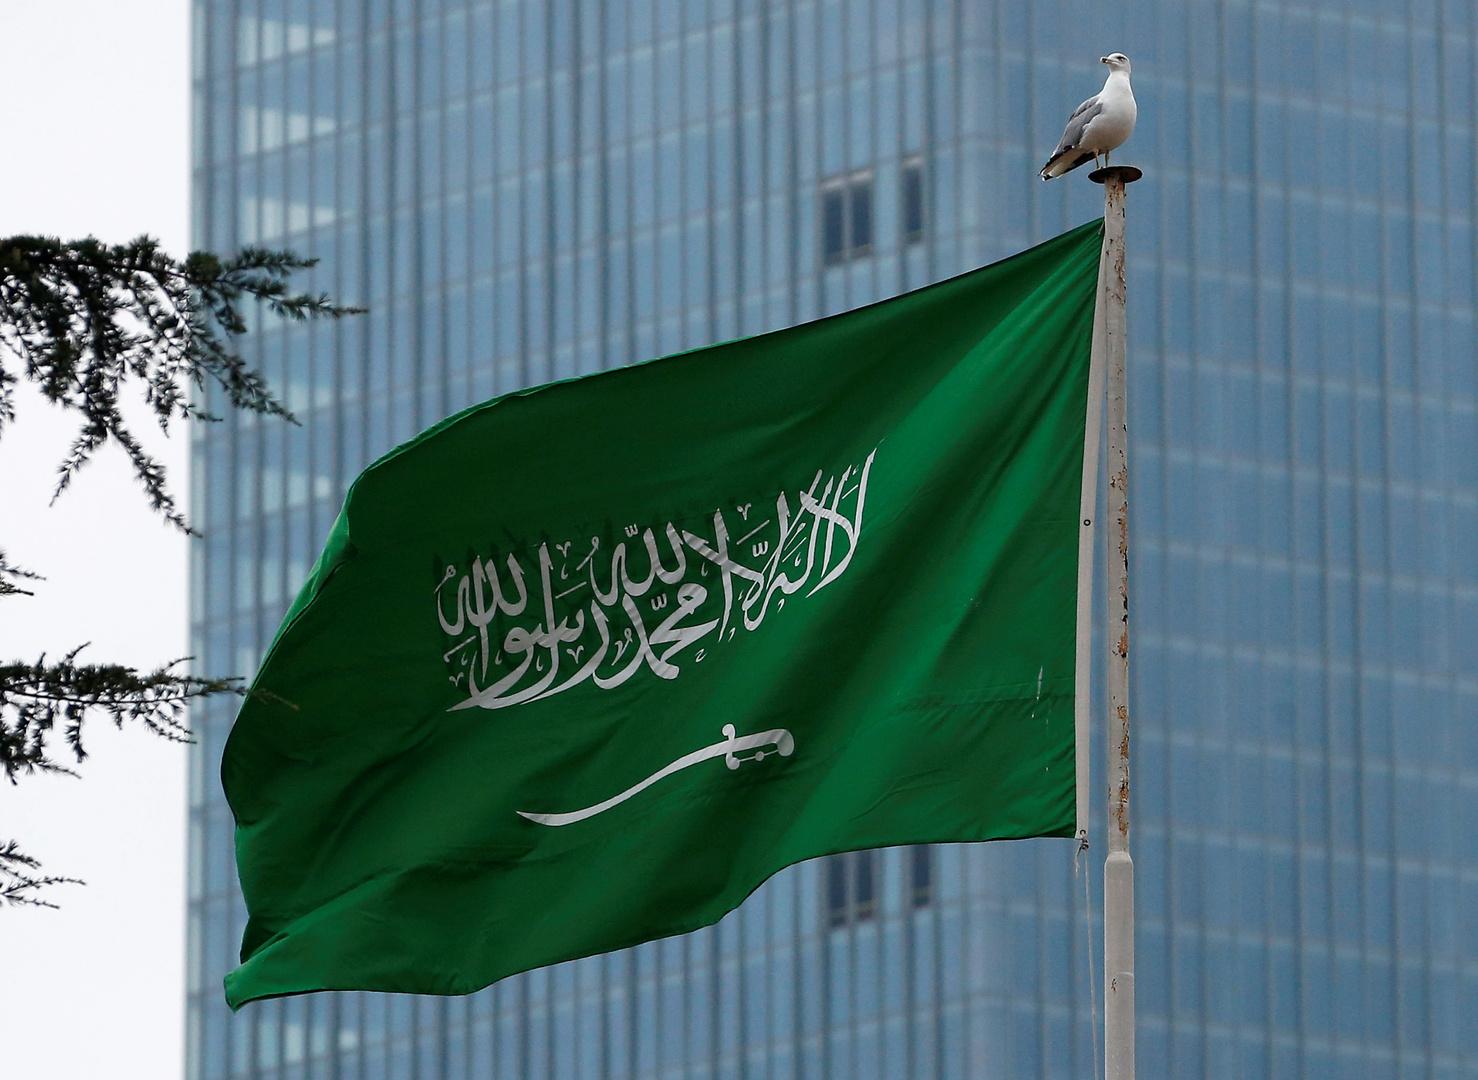 تخريج أول دفعة نسائية في القوات المسلحة السعودية (فيديو)